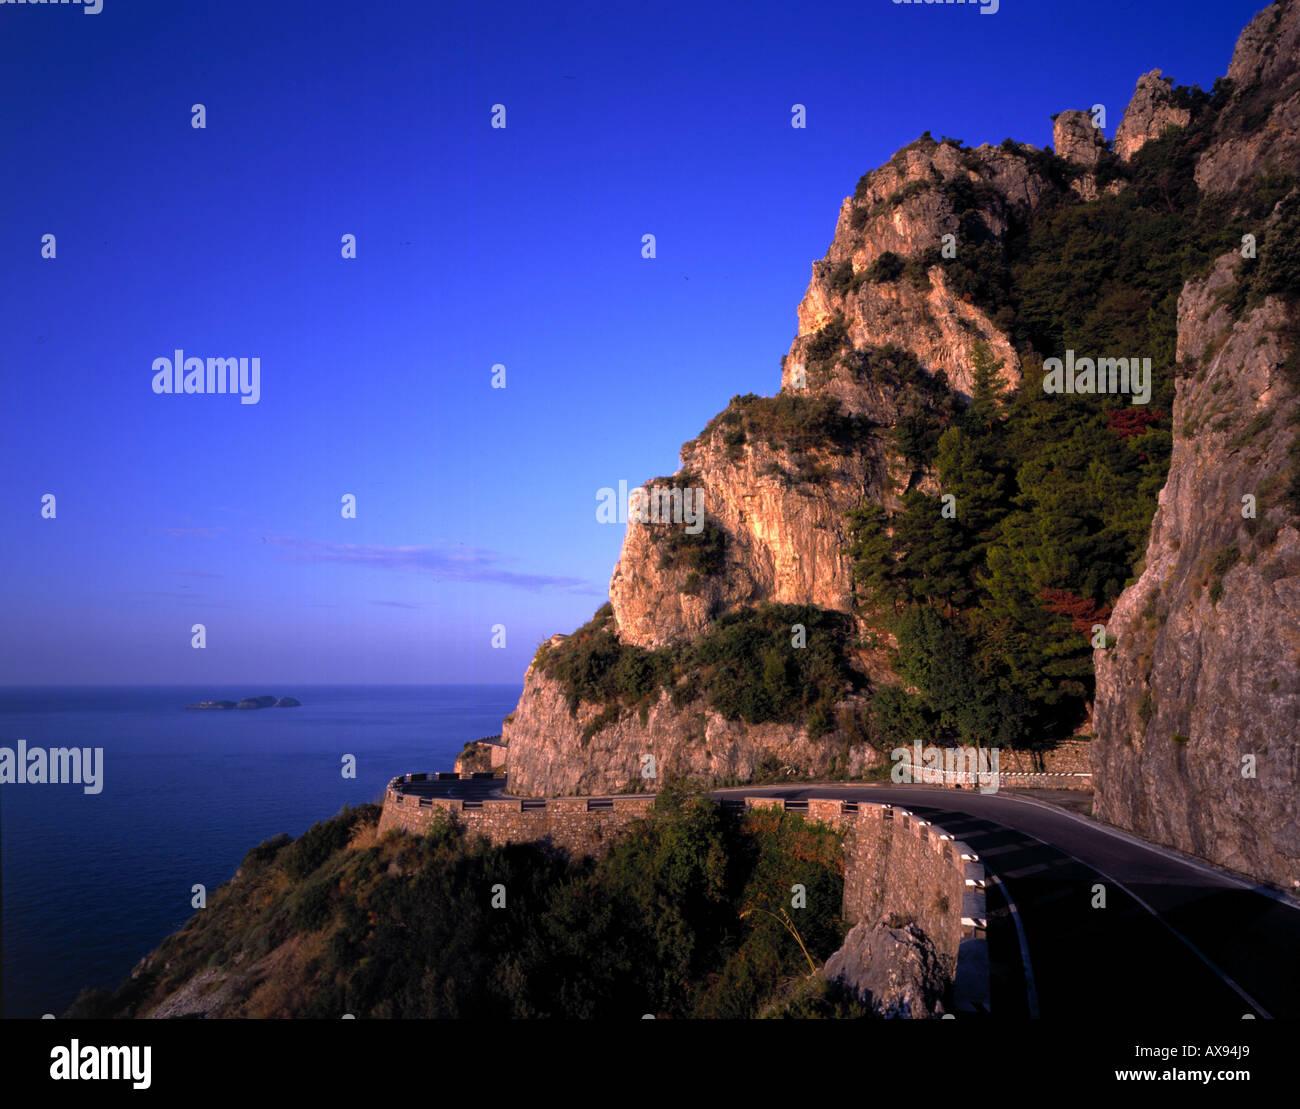 Amalfitana, Kampanien Italien - Stock Image